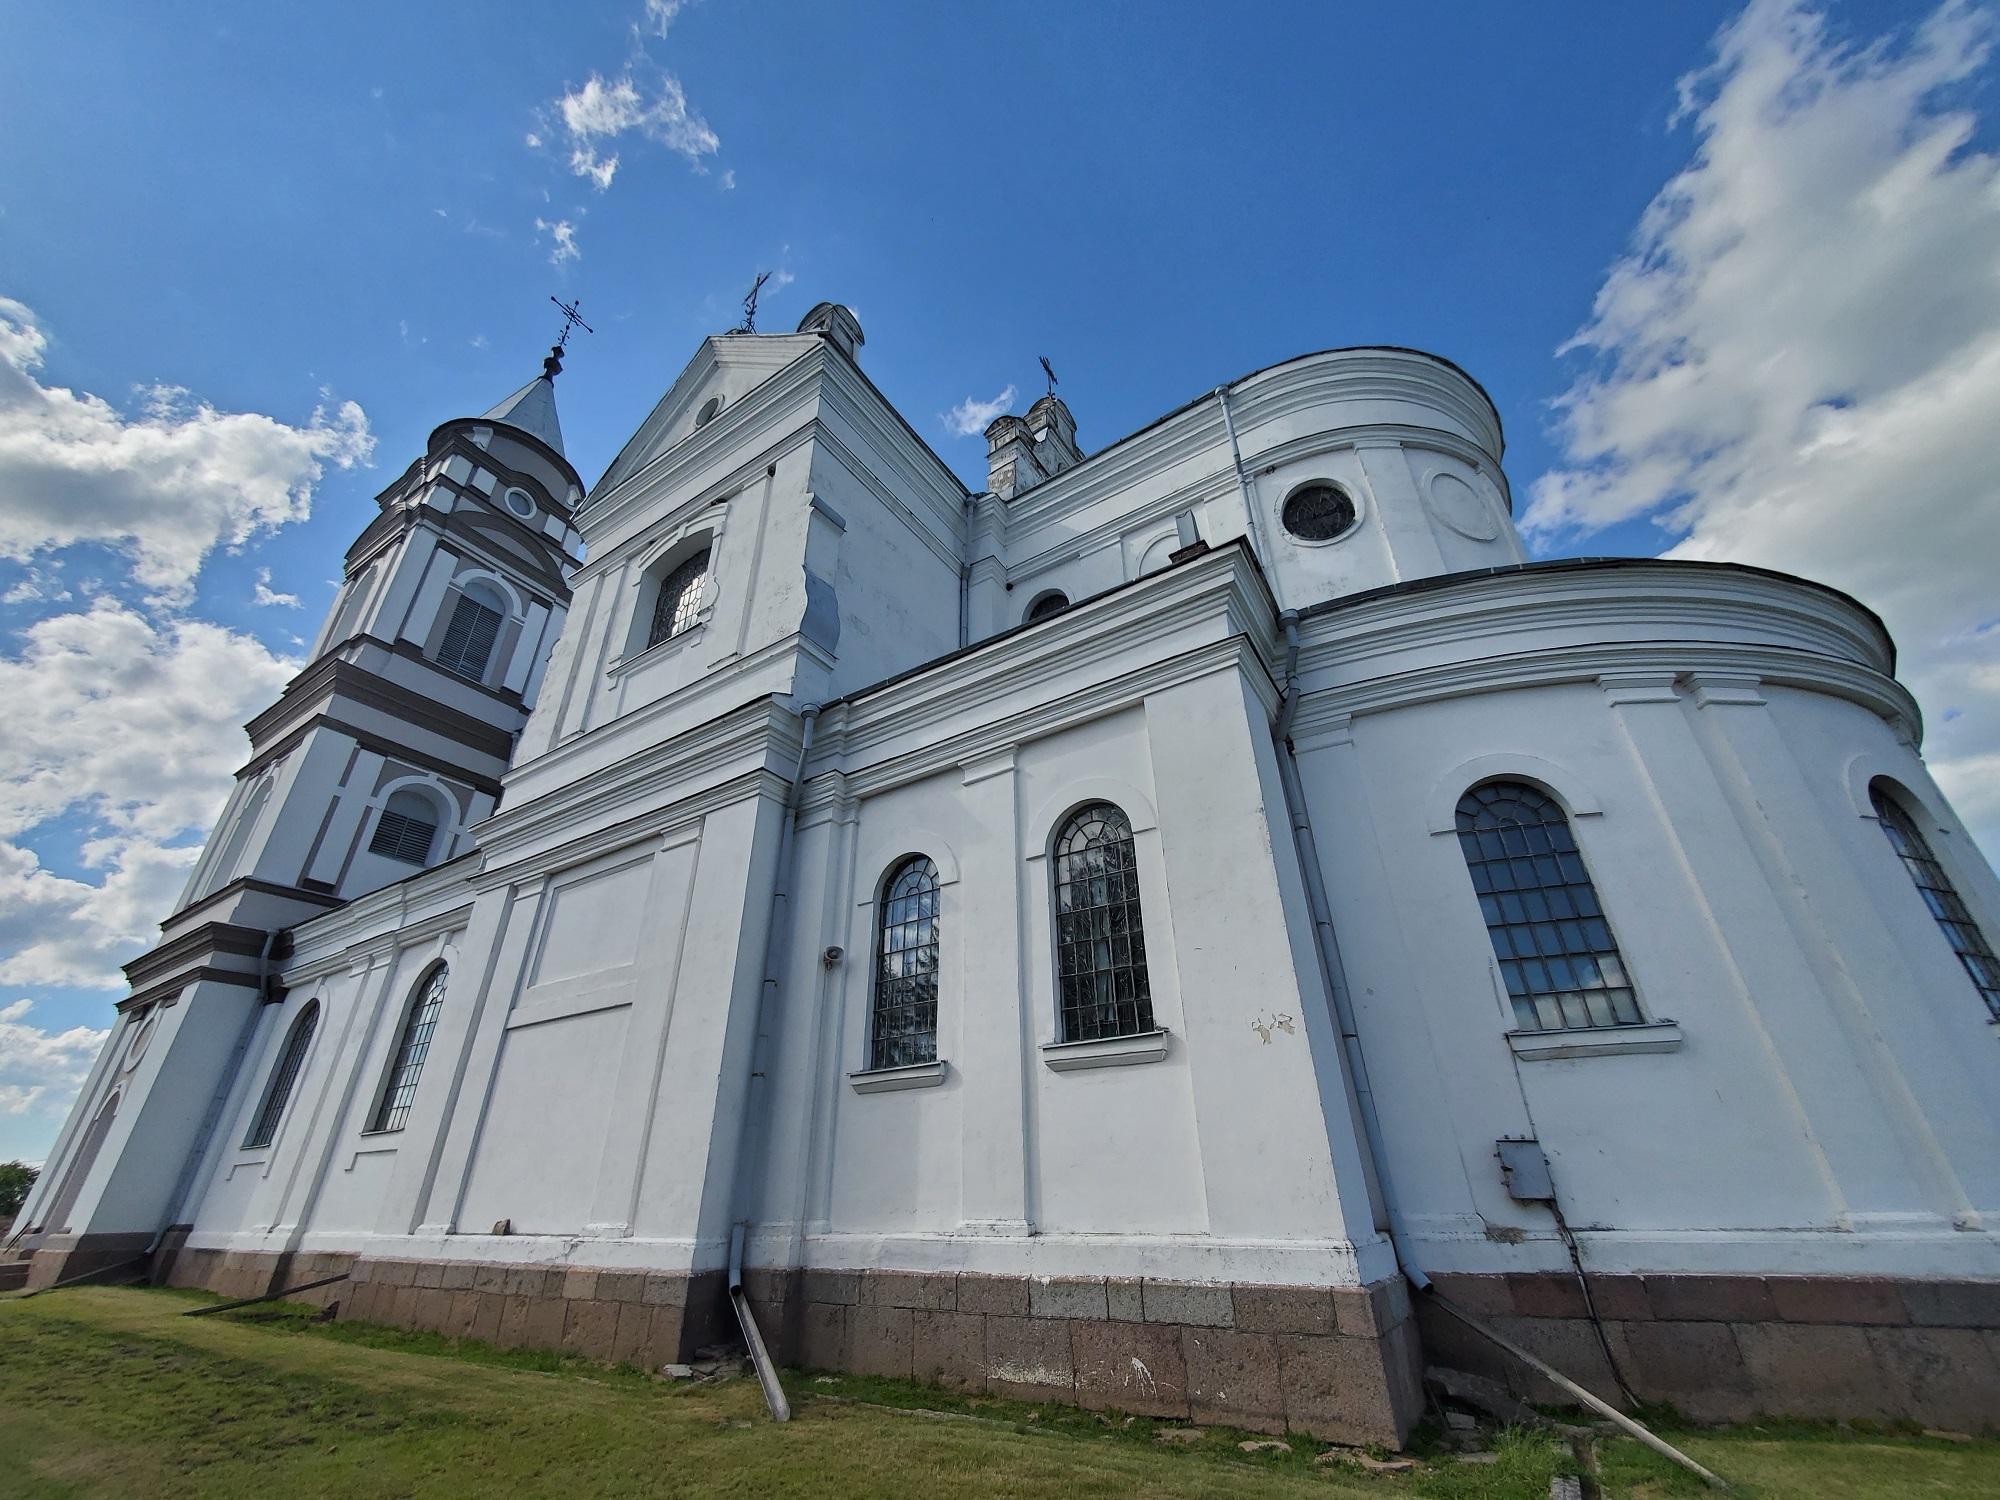 20200606 165129 - Костел Пресвятой Девы Марии в деревне Парафьяново